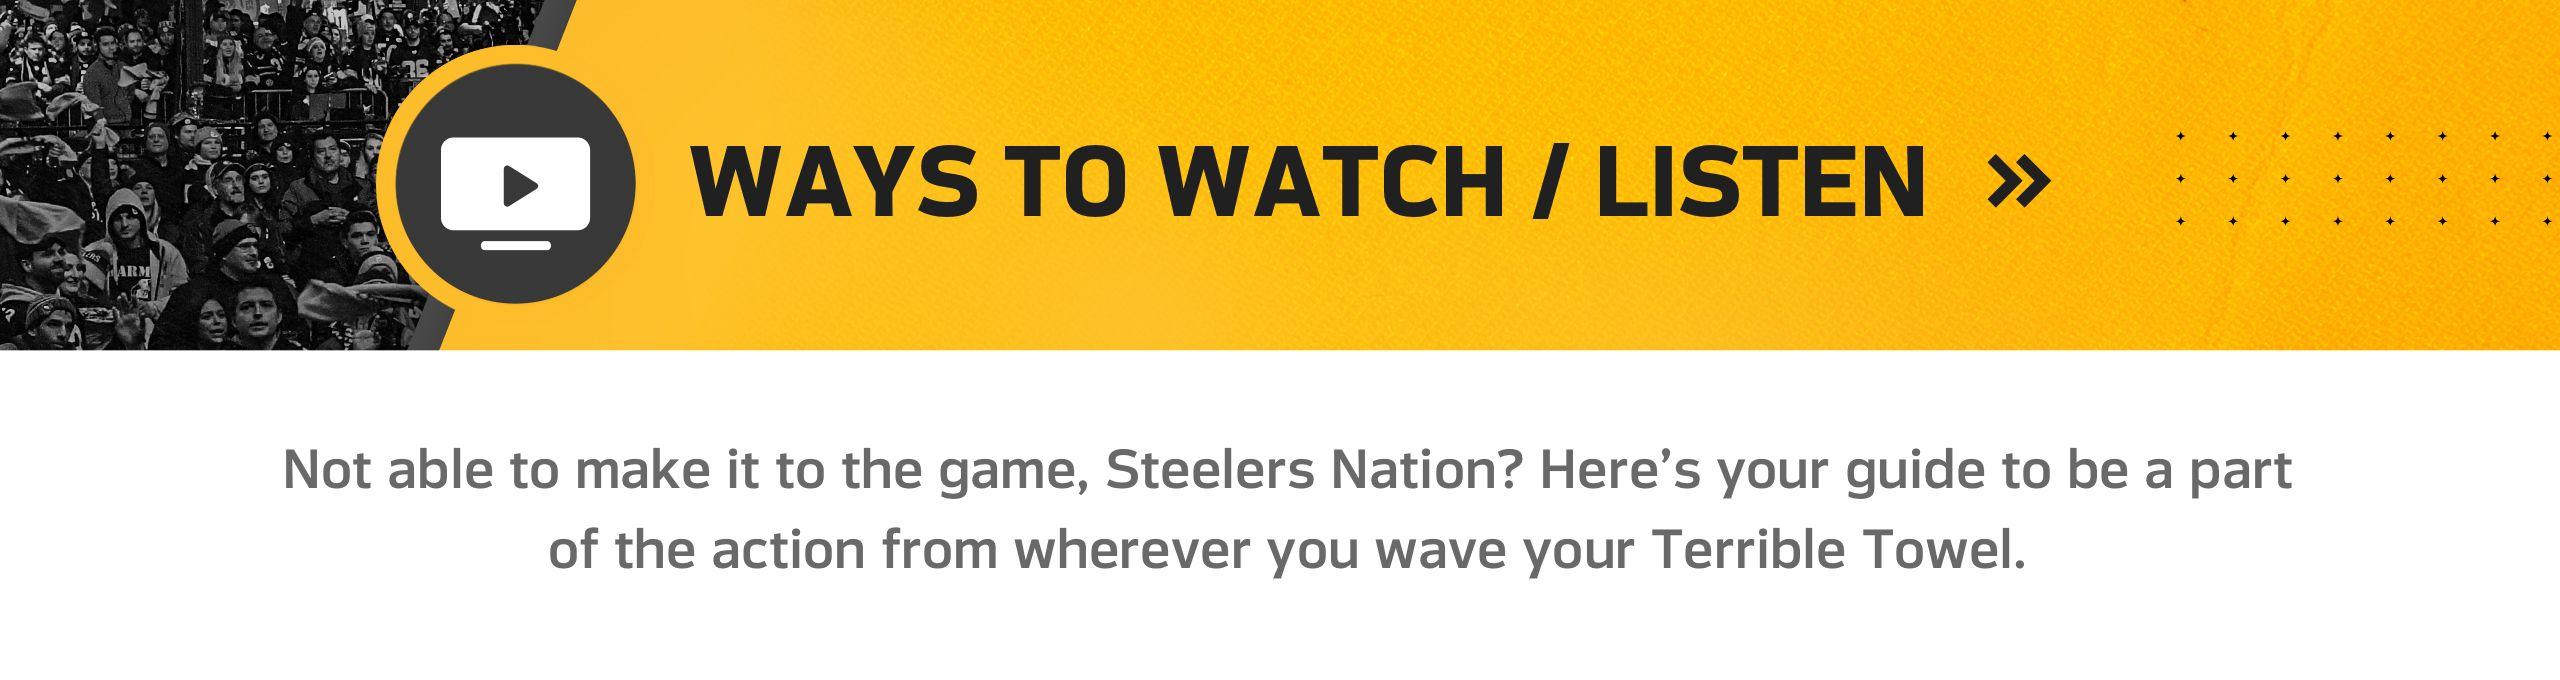 Gameday_ContentBlocks_Watch